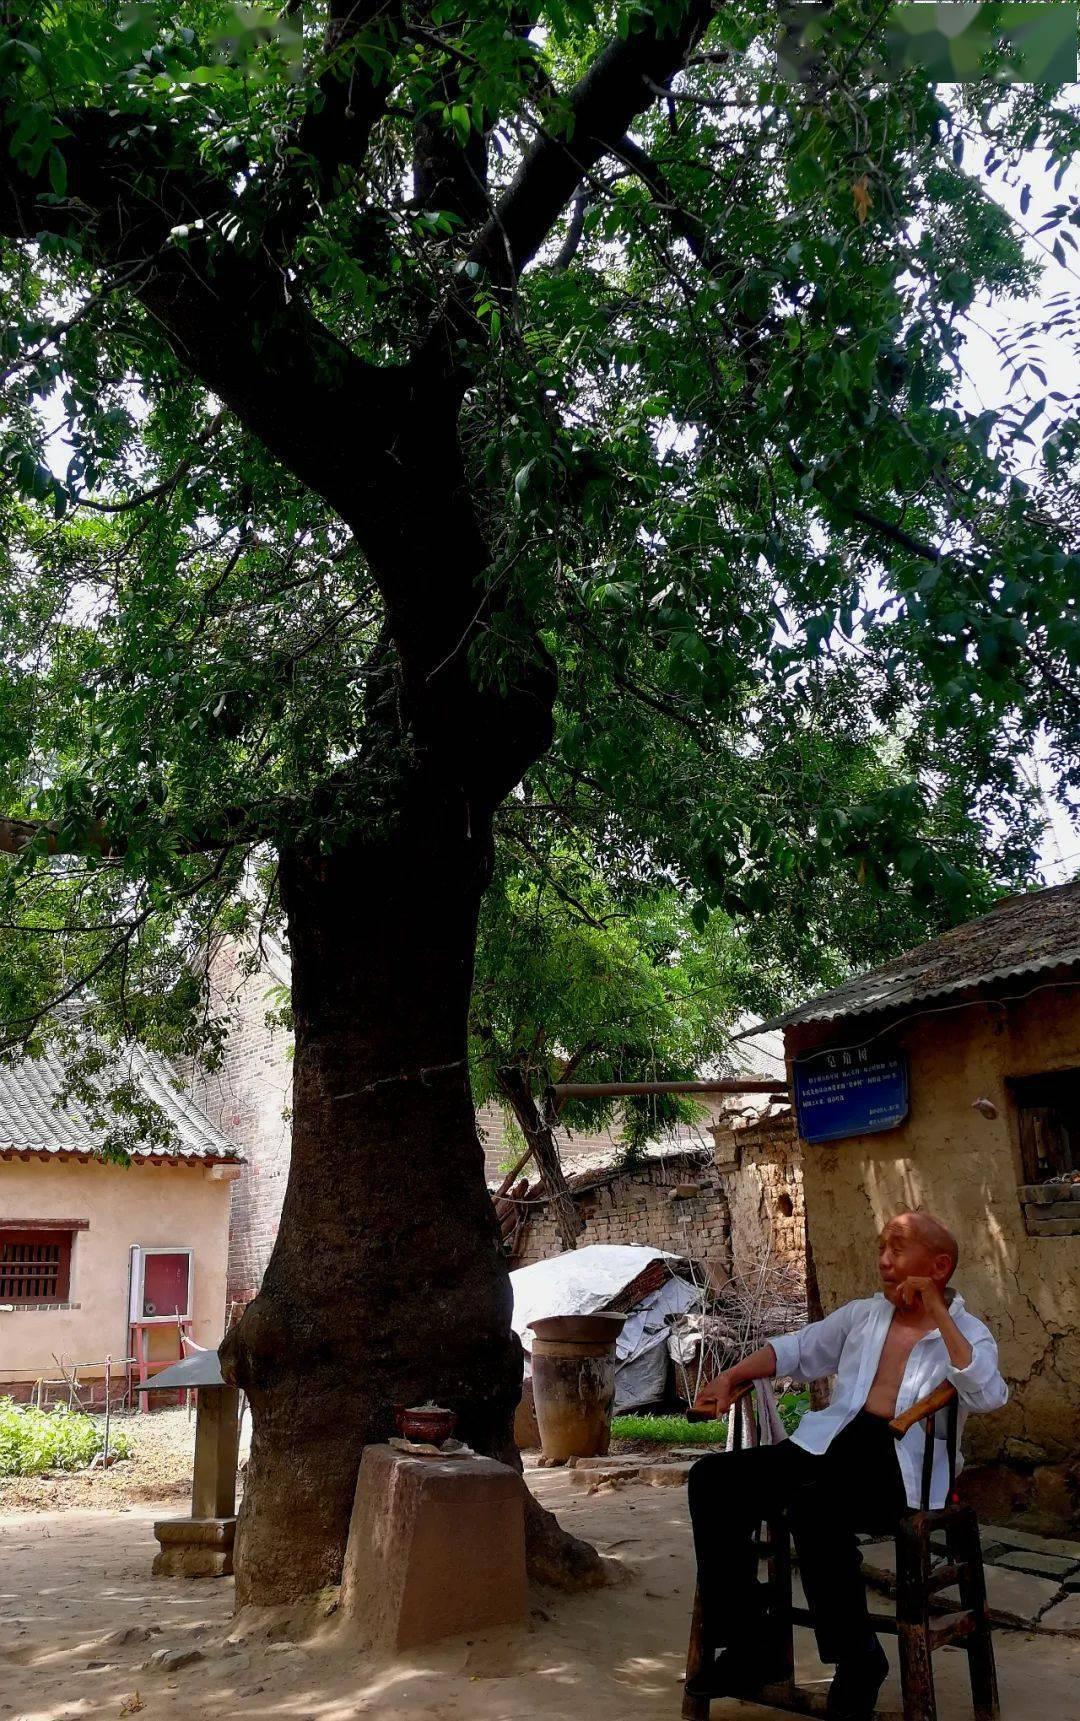 百   岁老人王金榜在500年树龄的皂角树下乘凉 牛超 图   皂角树下,一位白衣黑裤的老人正坐在椅子上乘凉.